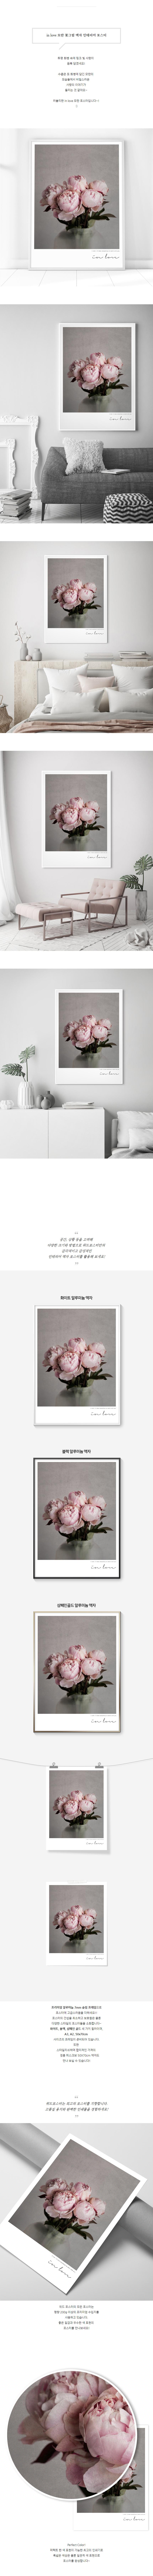 in love 모란 꽃 그림 인테리어 액자 A3 포스터 (액자미포함)8,900원-위드포스터인테리어, 액자/홈갤러리, 홈갤러리, 보테니컬아트바보사랑in love 모란 꽃 그림 인테리어 액자 A3 포스터 (액자미포함)8,900원-위드포스터인테리어, 액자/홈갤러리, 홈갤러리, 보테니컬아트바보사랑